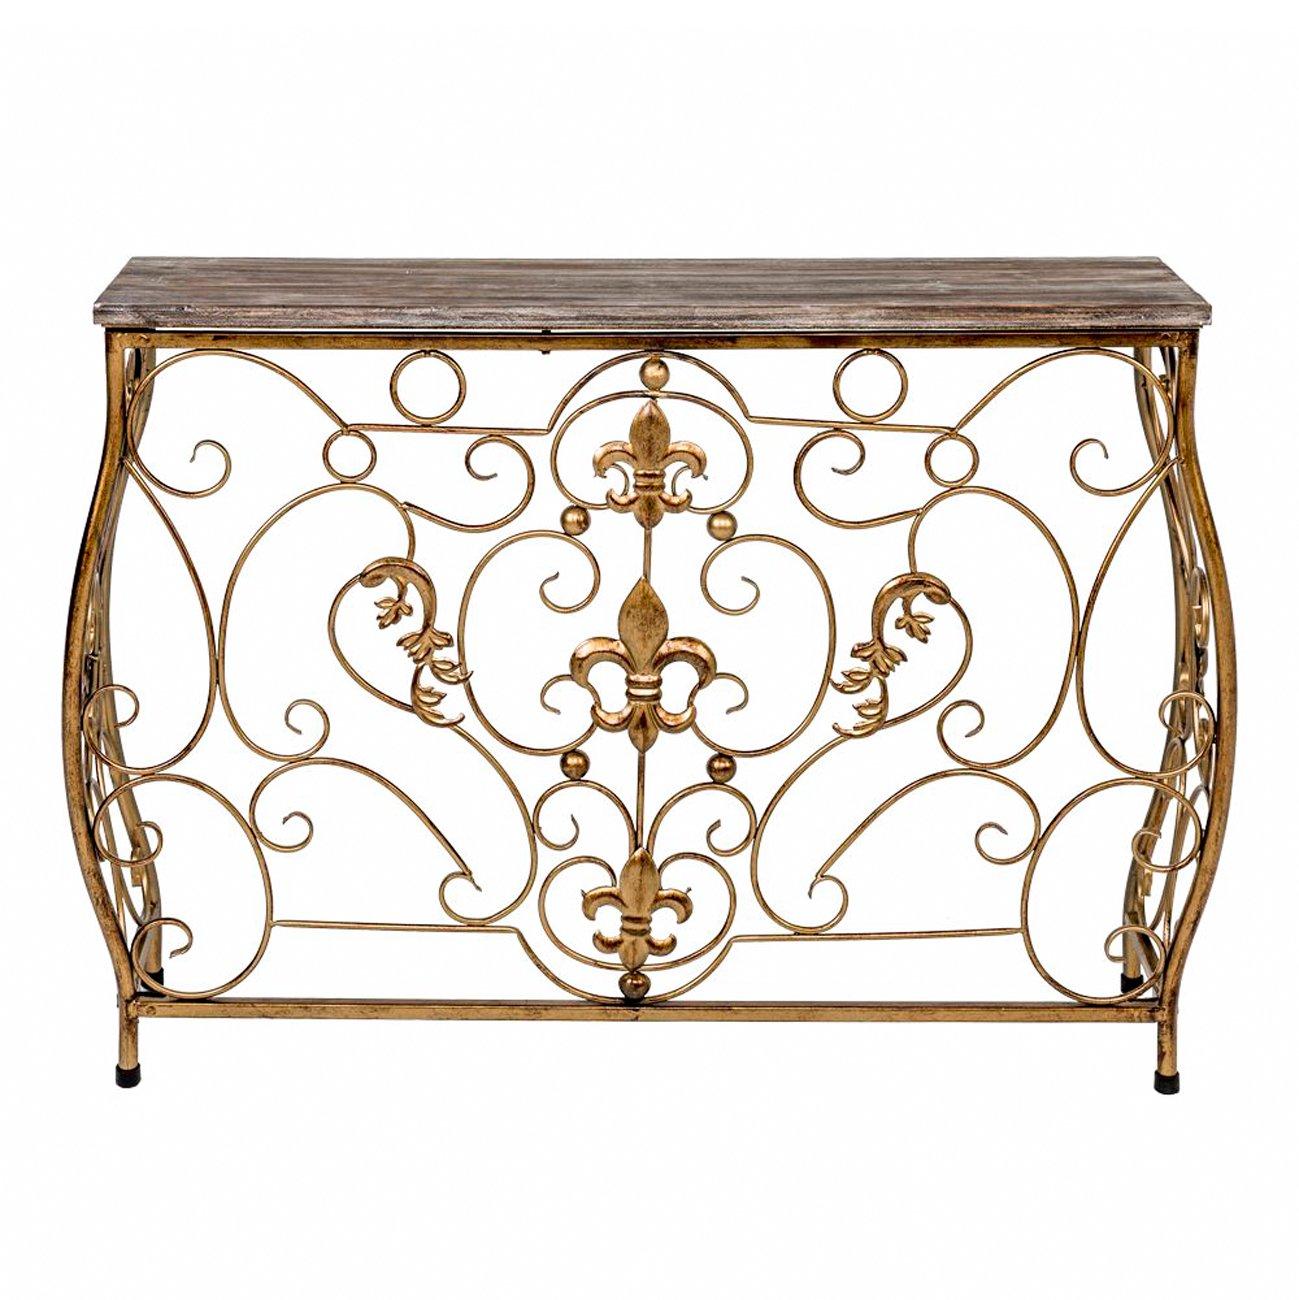 Купить Консоль «Королевская лилия» (бронзовый антик, версия М) в интернет магазине дизайнерской мебели и аксессуаров для дома и дачи